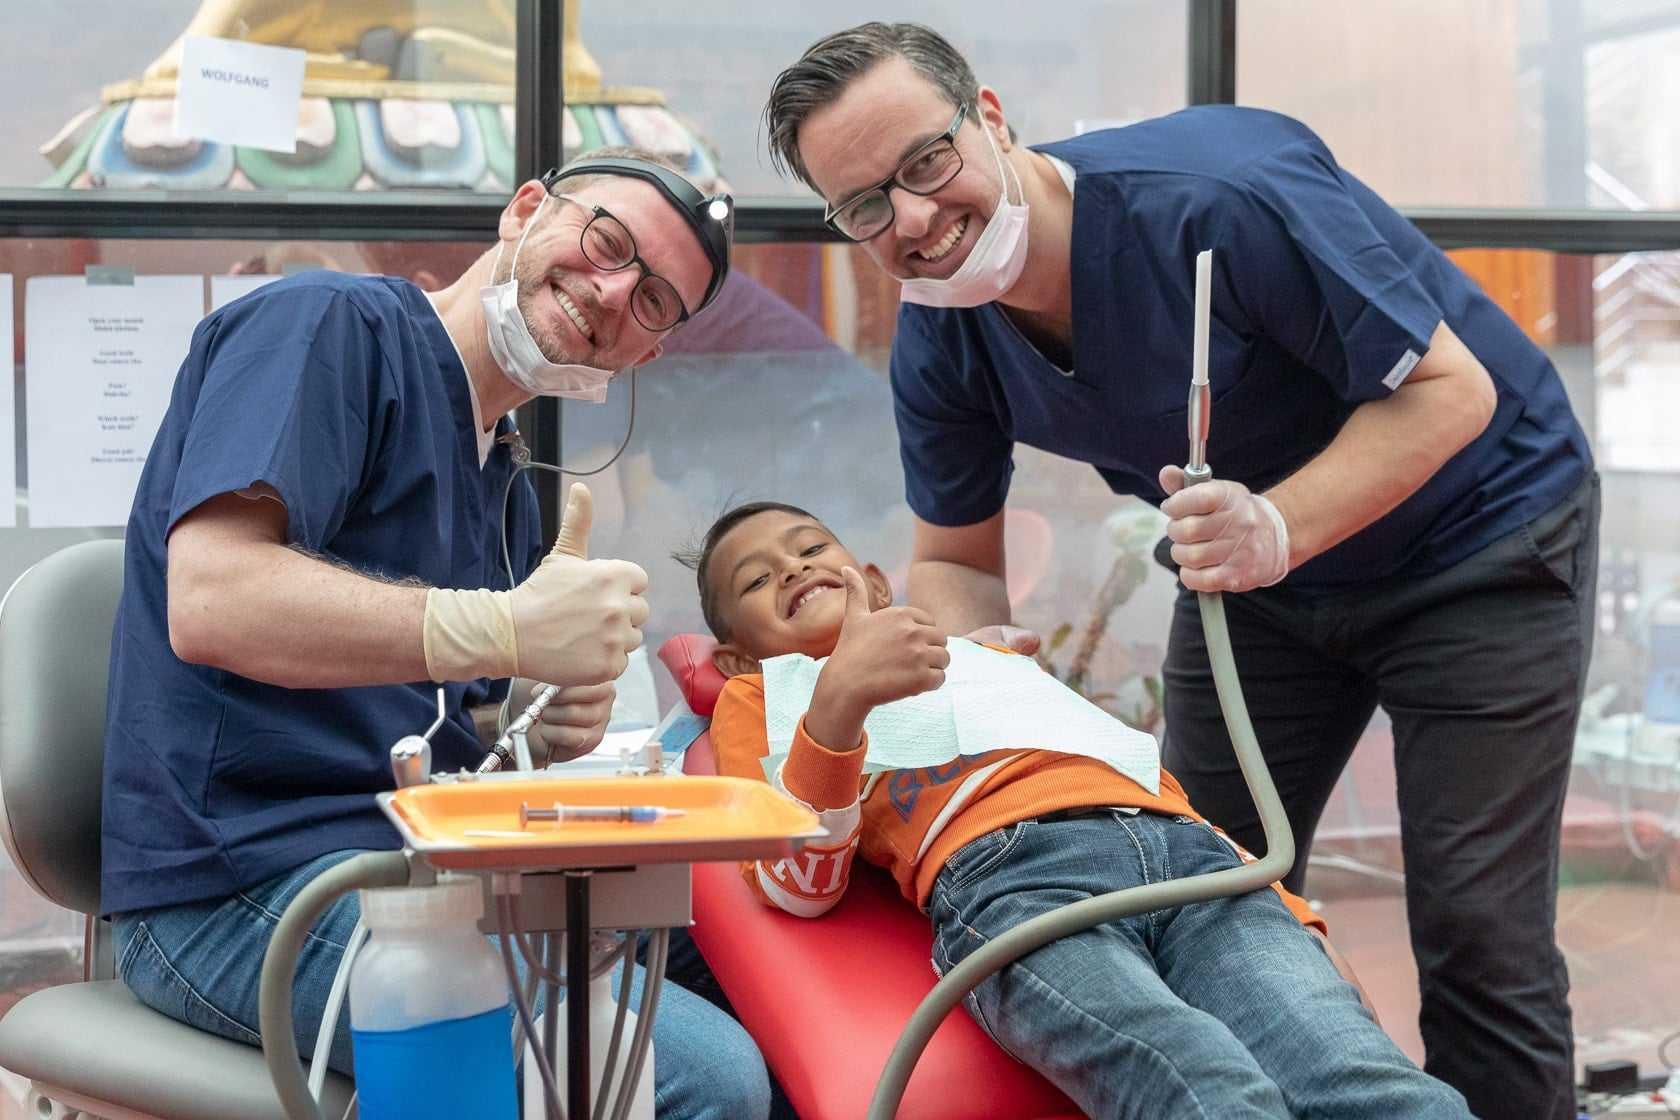 dentist1 Zahnärzte mit Kind nach erfolgreicher Behandlung im Rahmen eines gemeinnützigen Projekts